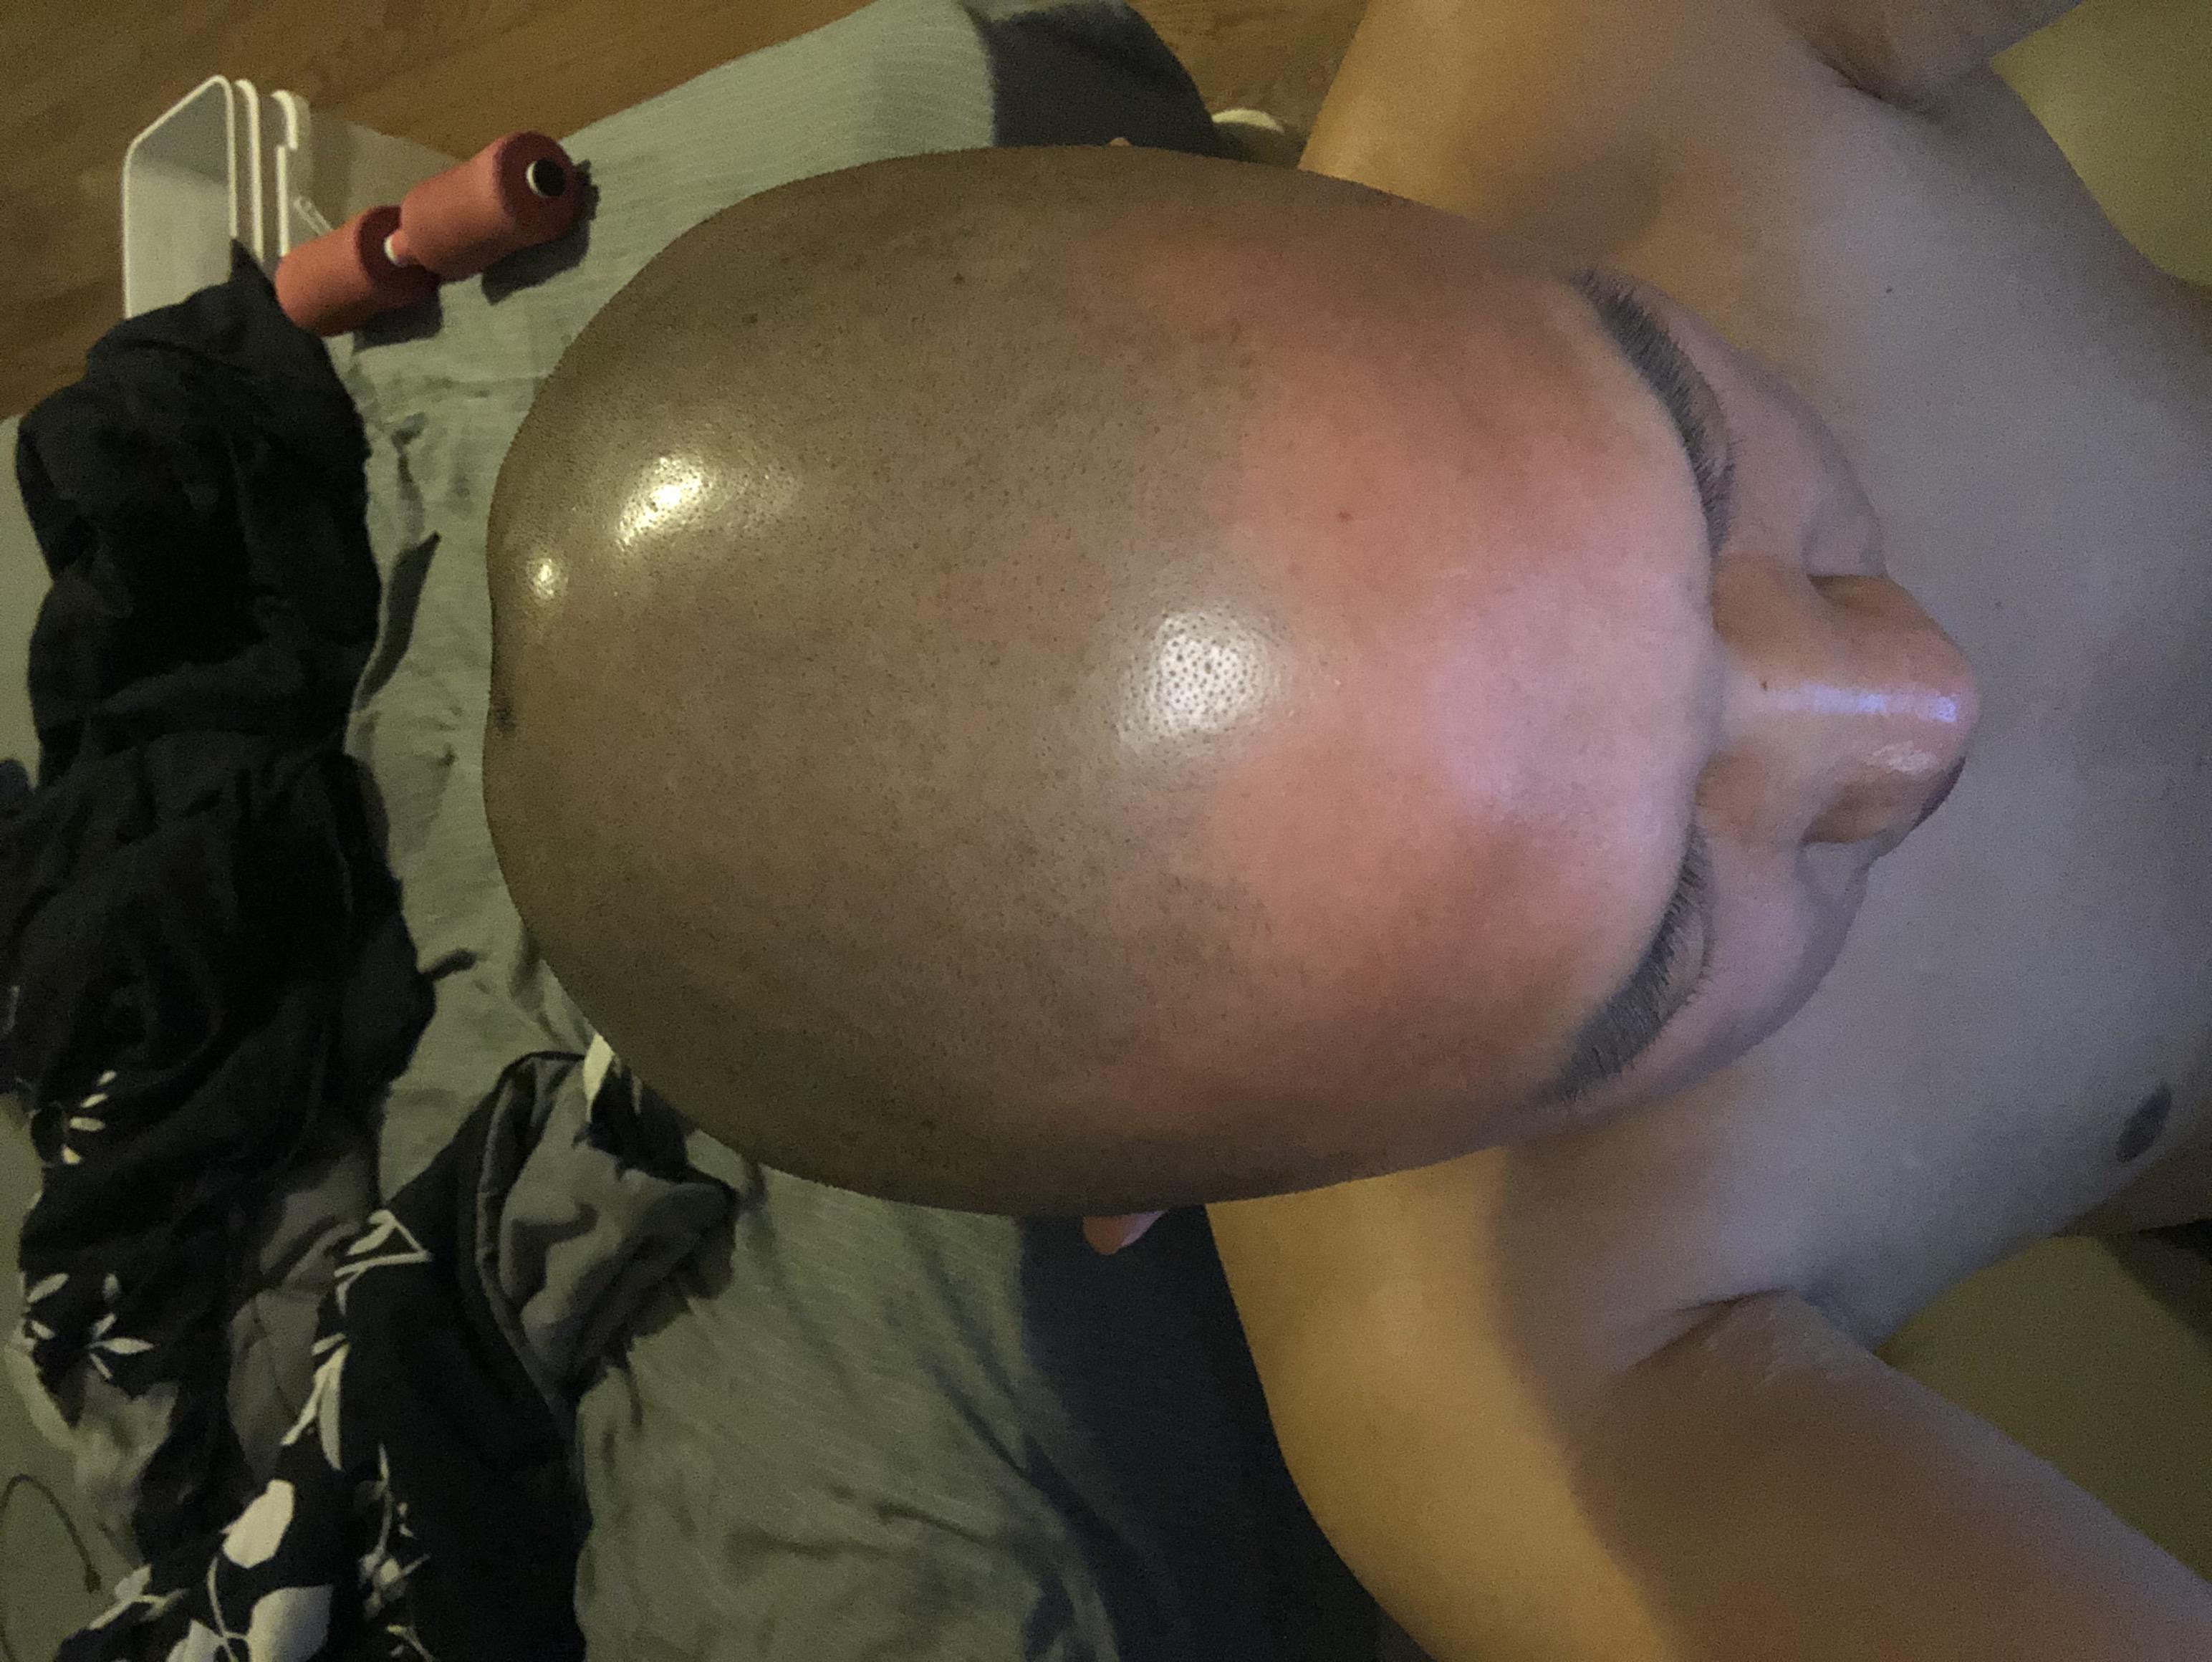 使用脱毛膏脱发的详细教程